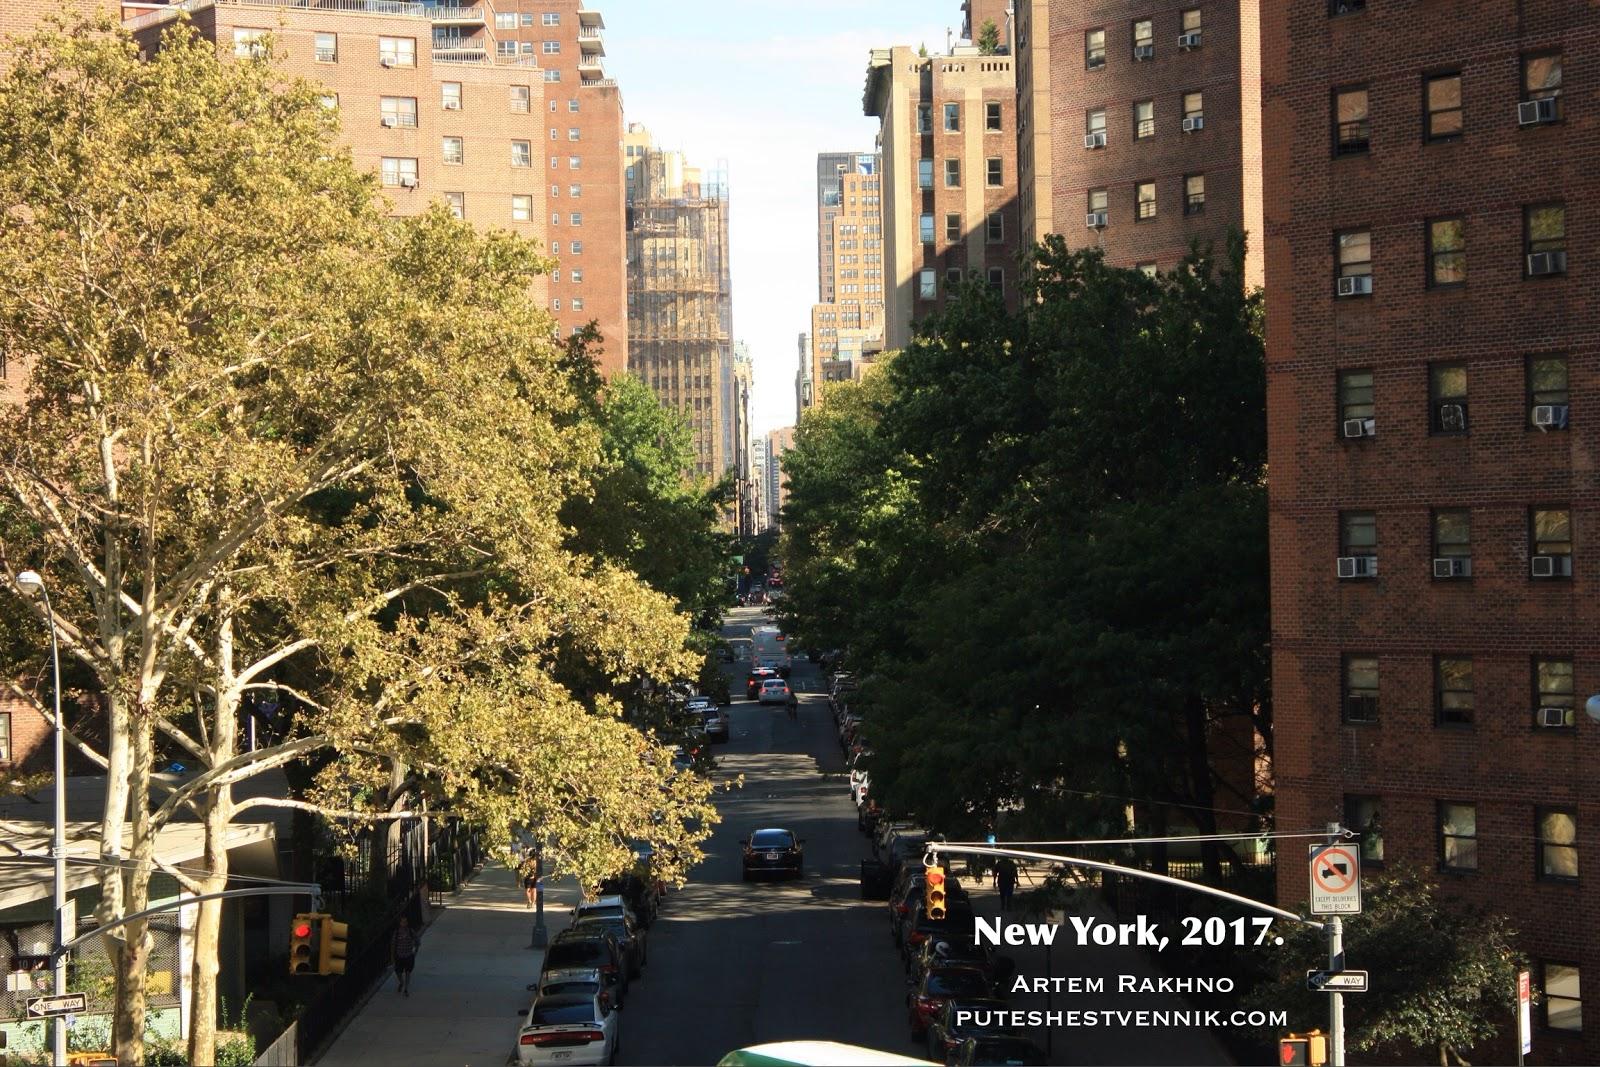 Улица в Нью-Йорке